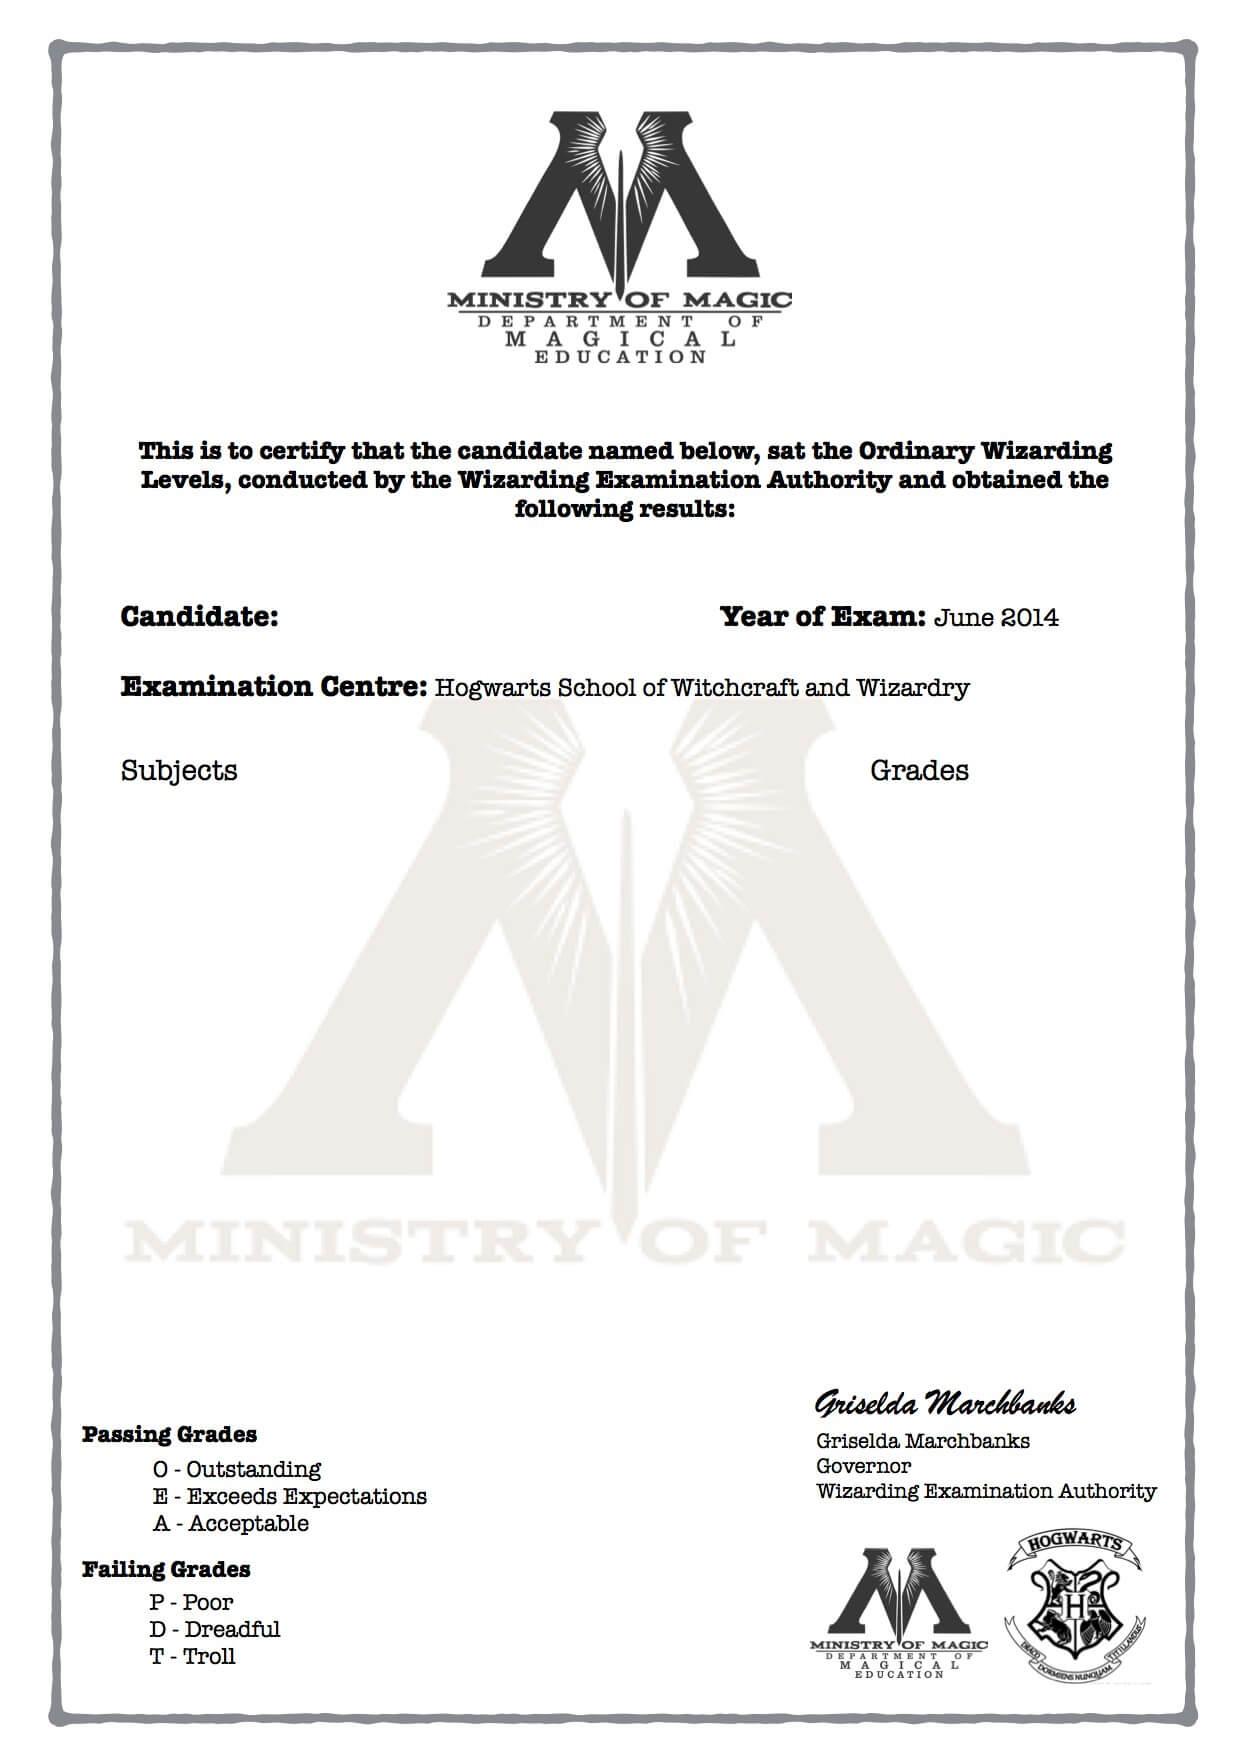 Harry Potter O W L S Certificate Blank Template Hogwarts With Harry Potter Certificate Template